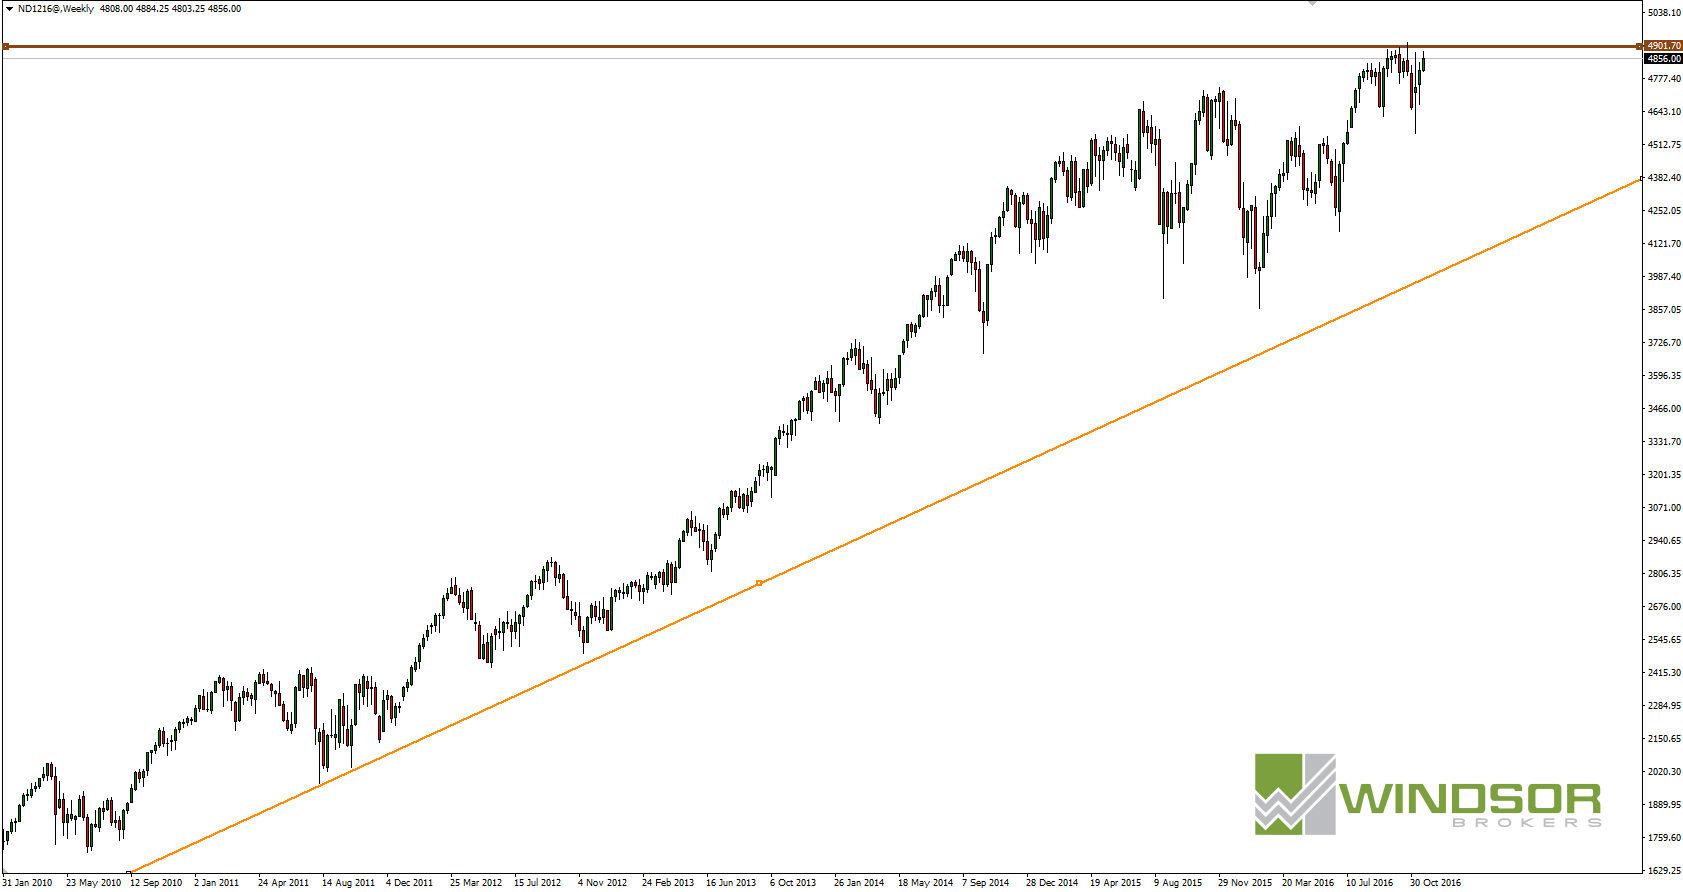 NASDAQ W1